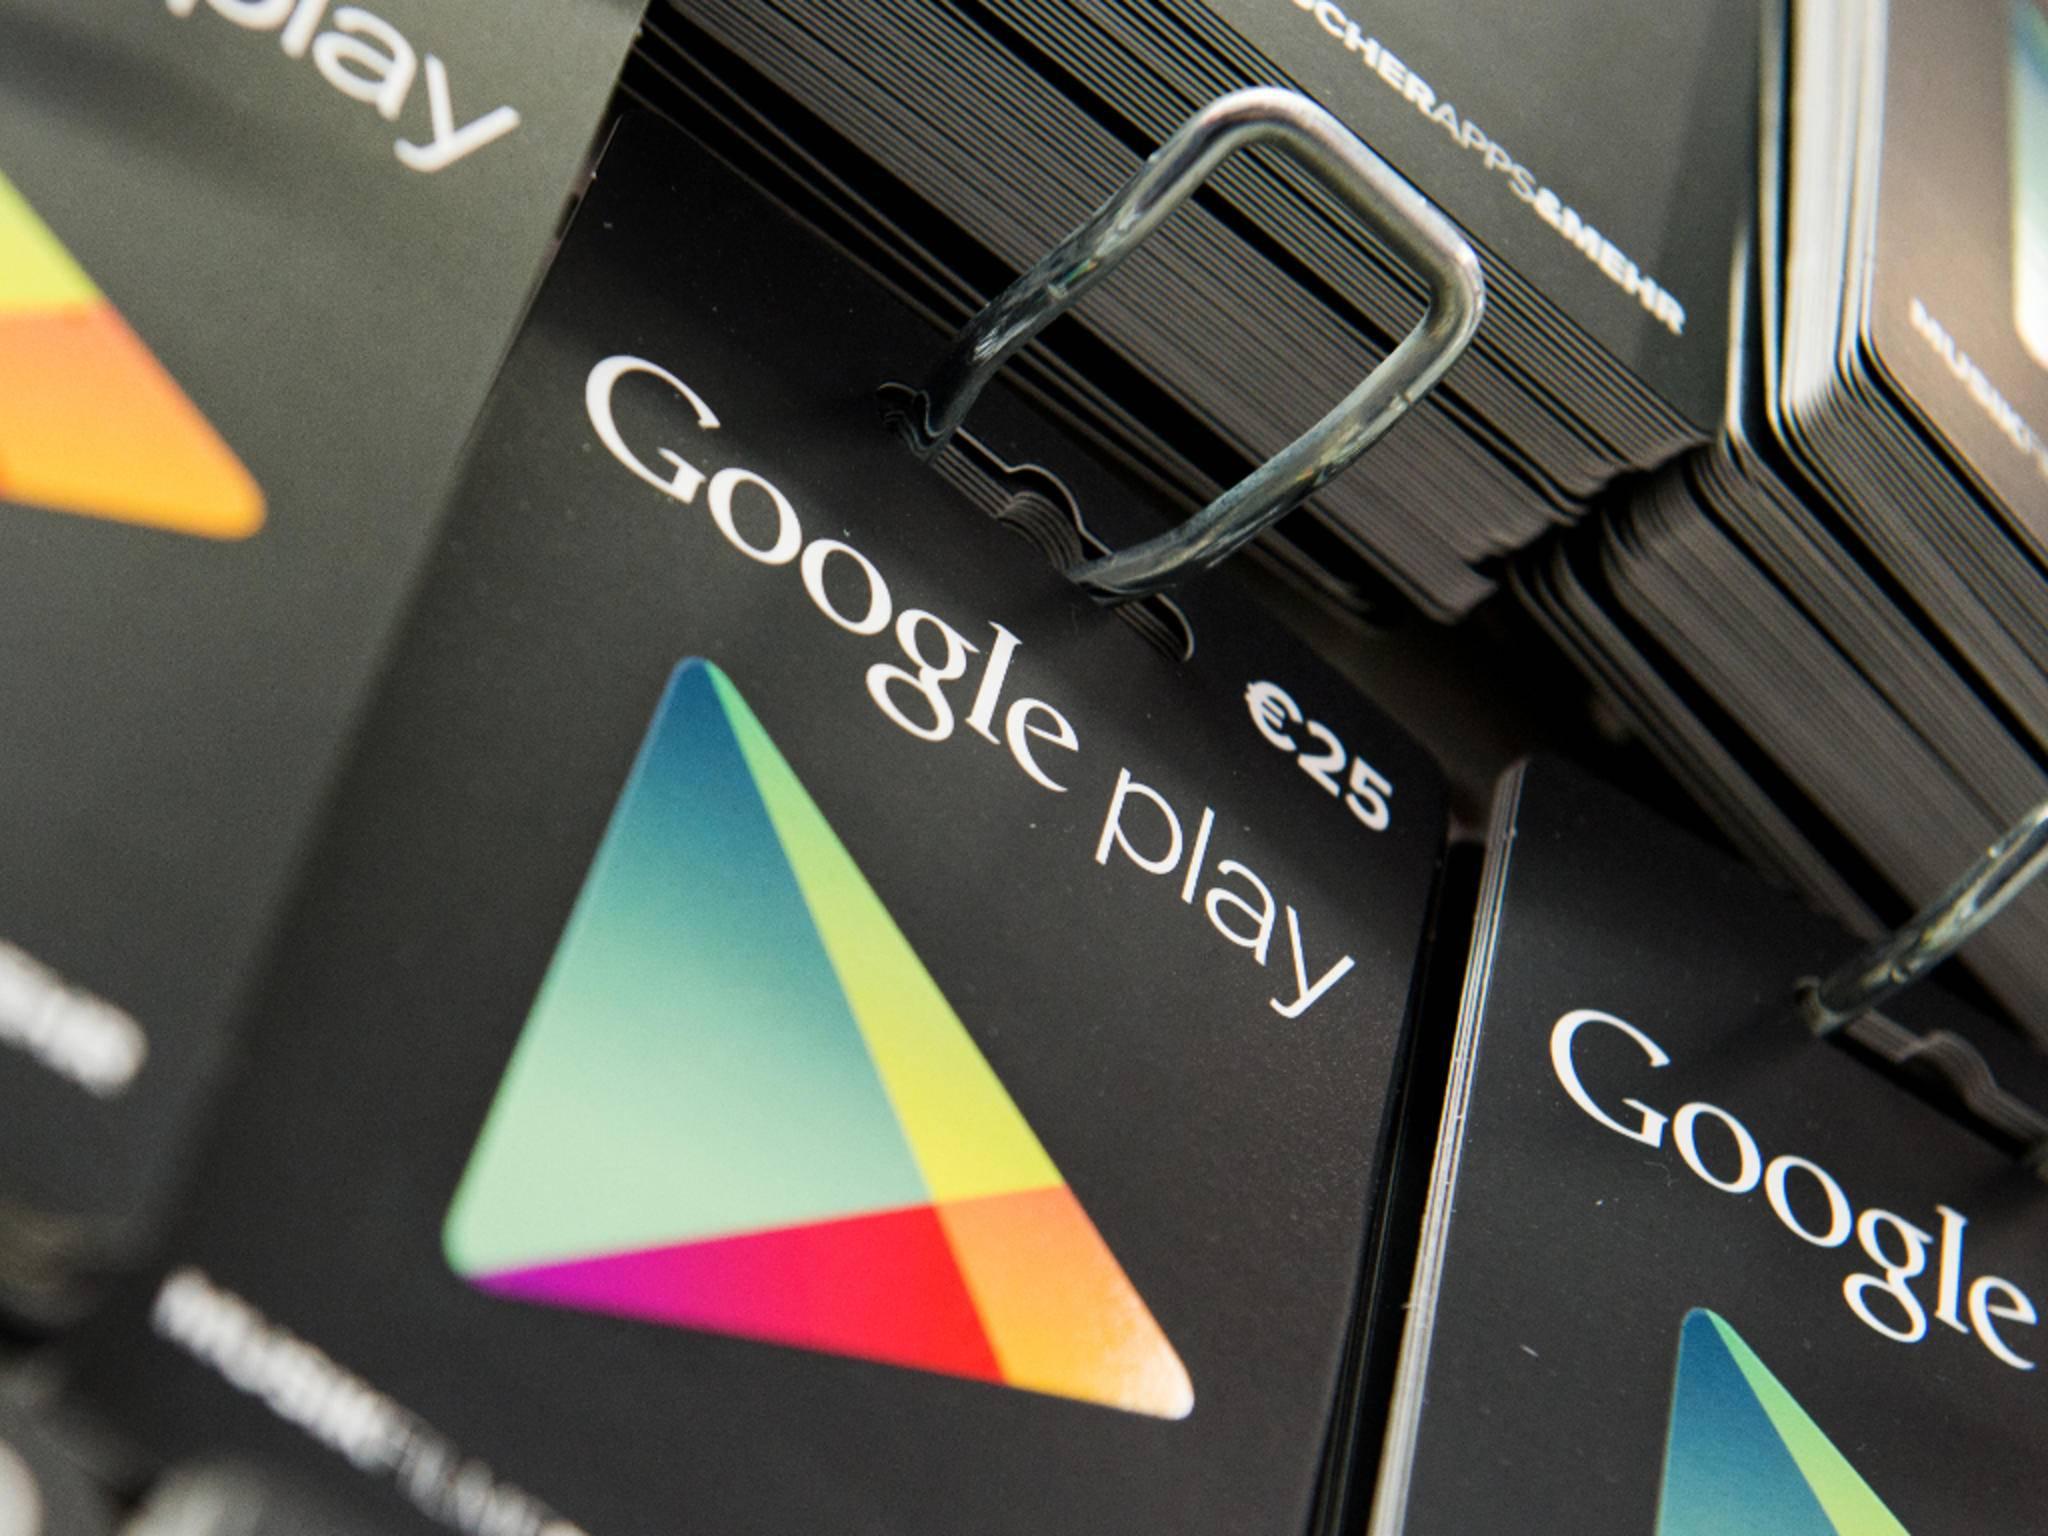 Der Google Play Store erstrahlt bald im neuen Look.